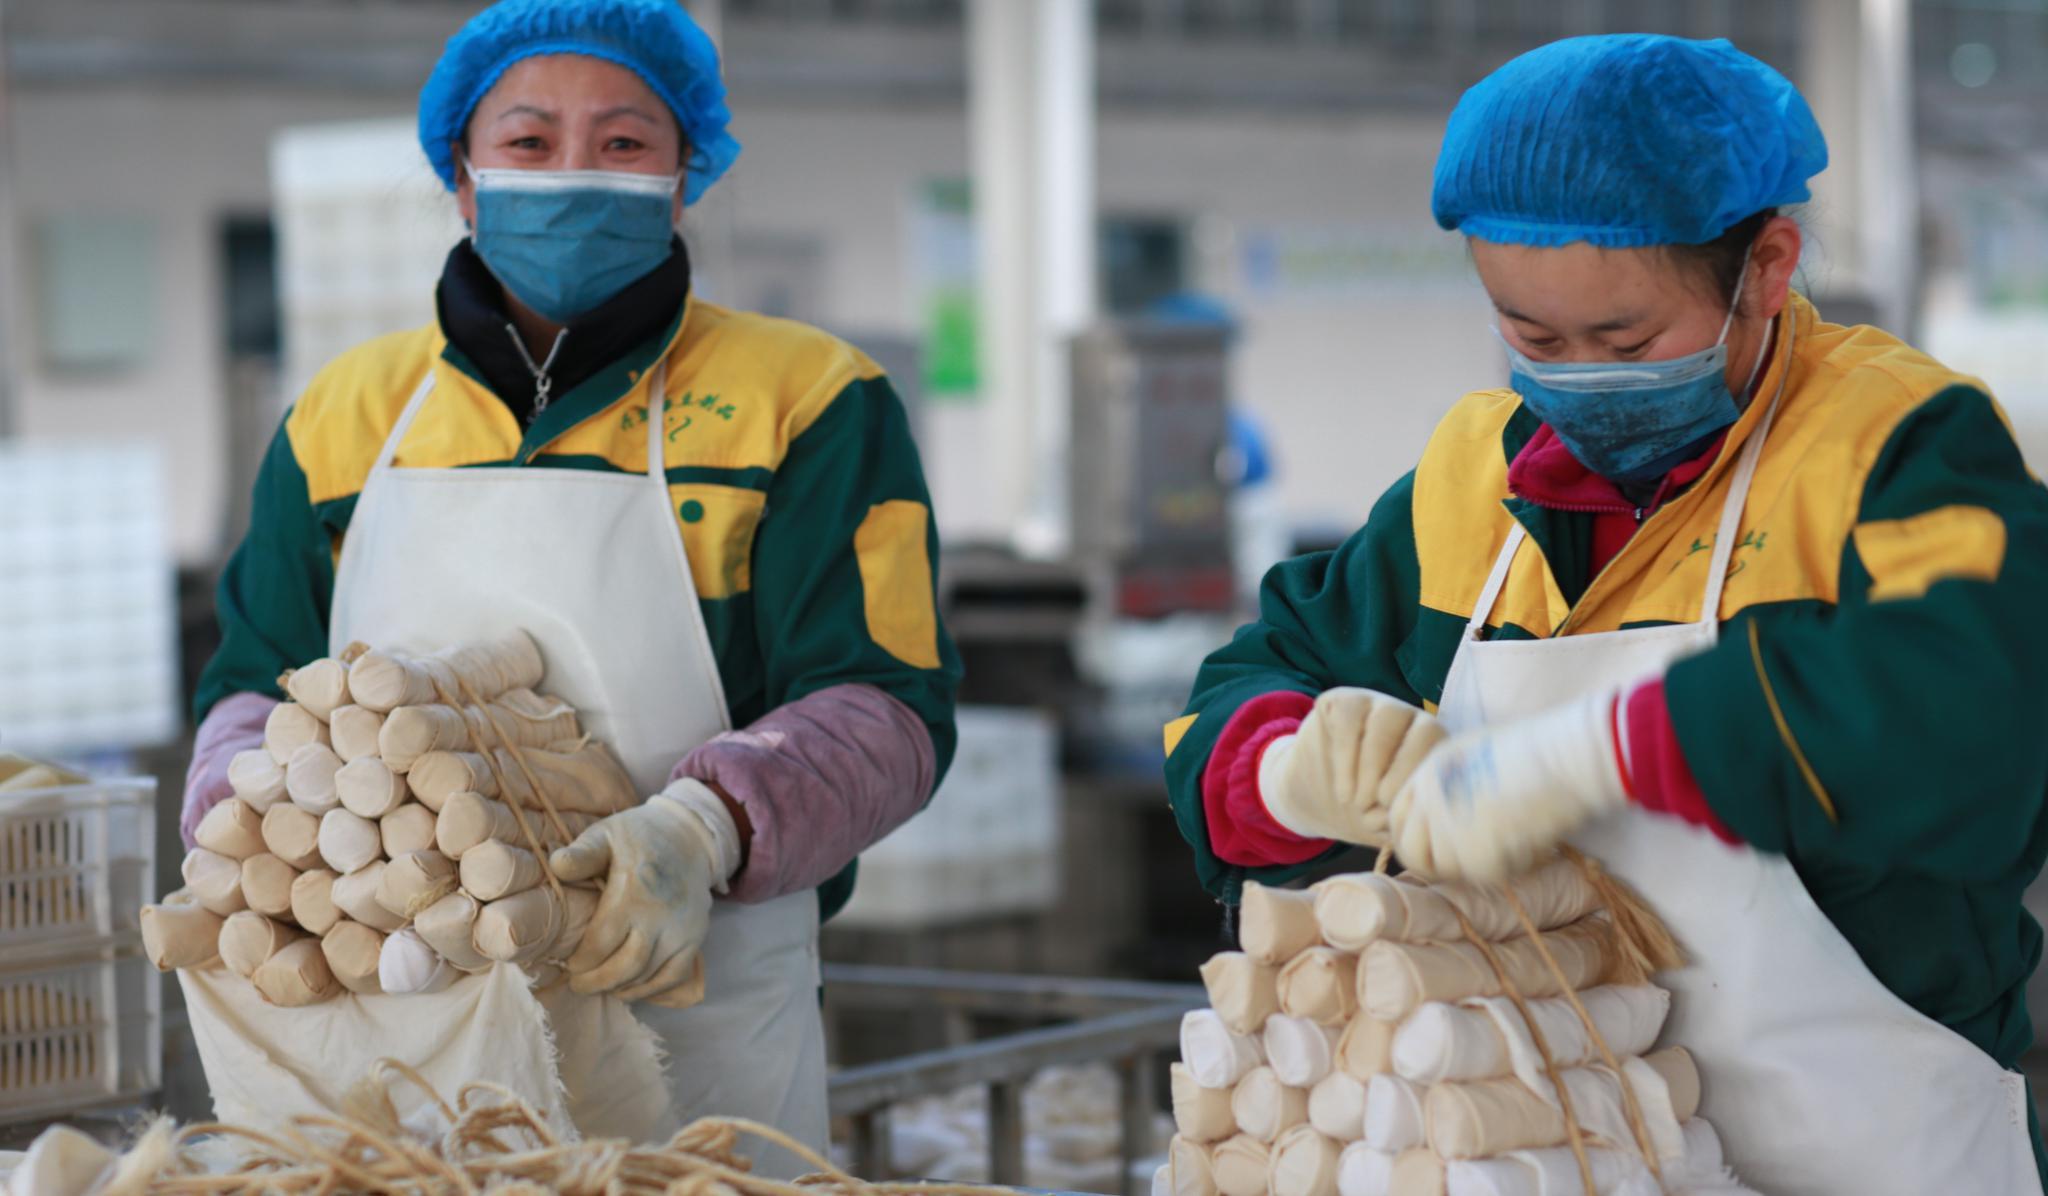 老豆腐新科技 绿色食品保供应